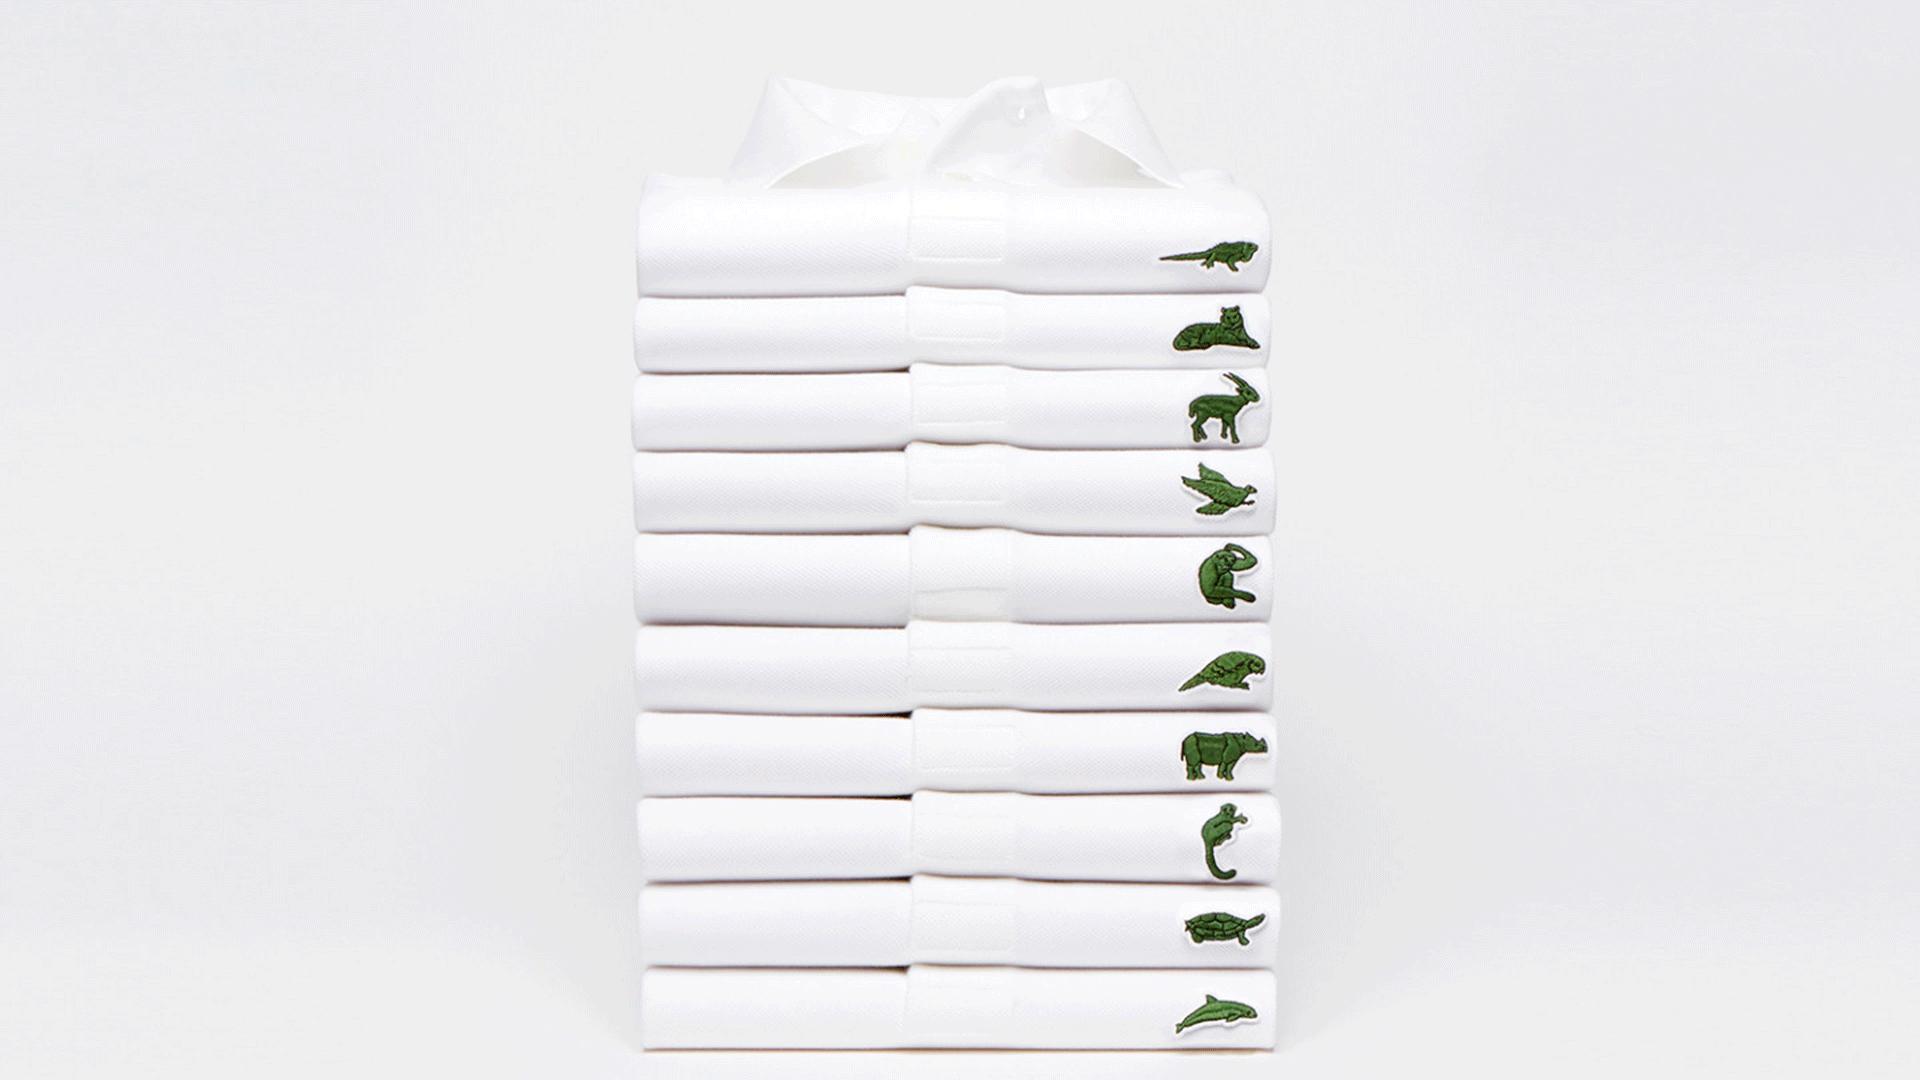 Polos blancos de Lacoste apilados cada uno con una especie animal diferente sustituyendo al logo